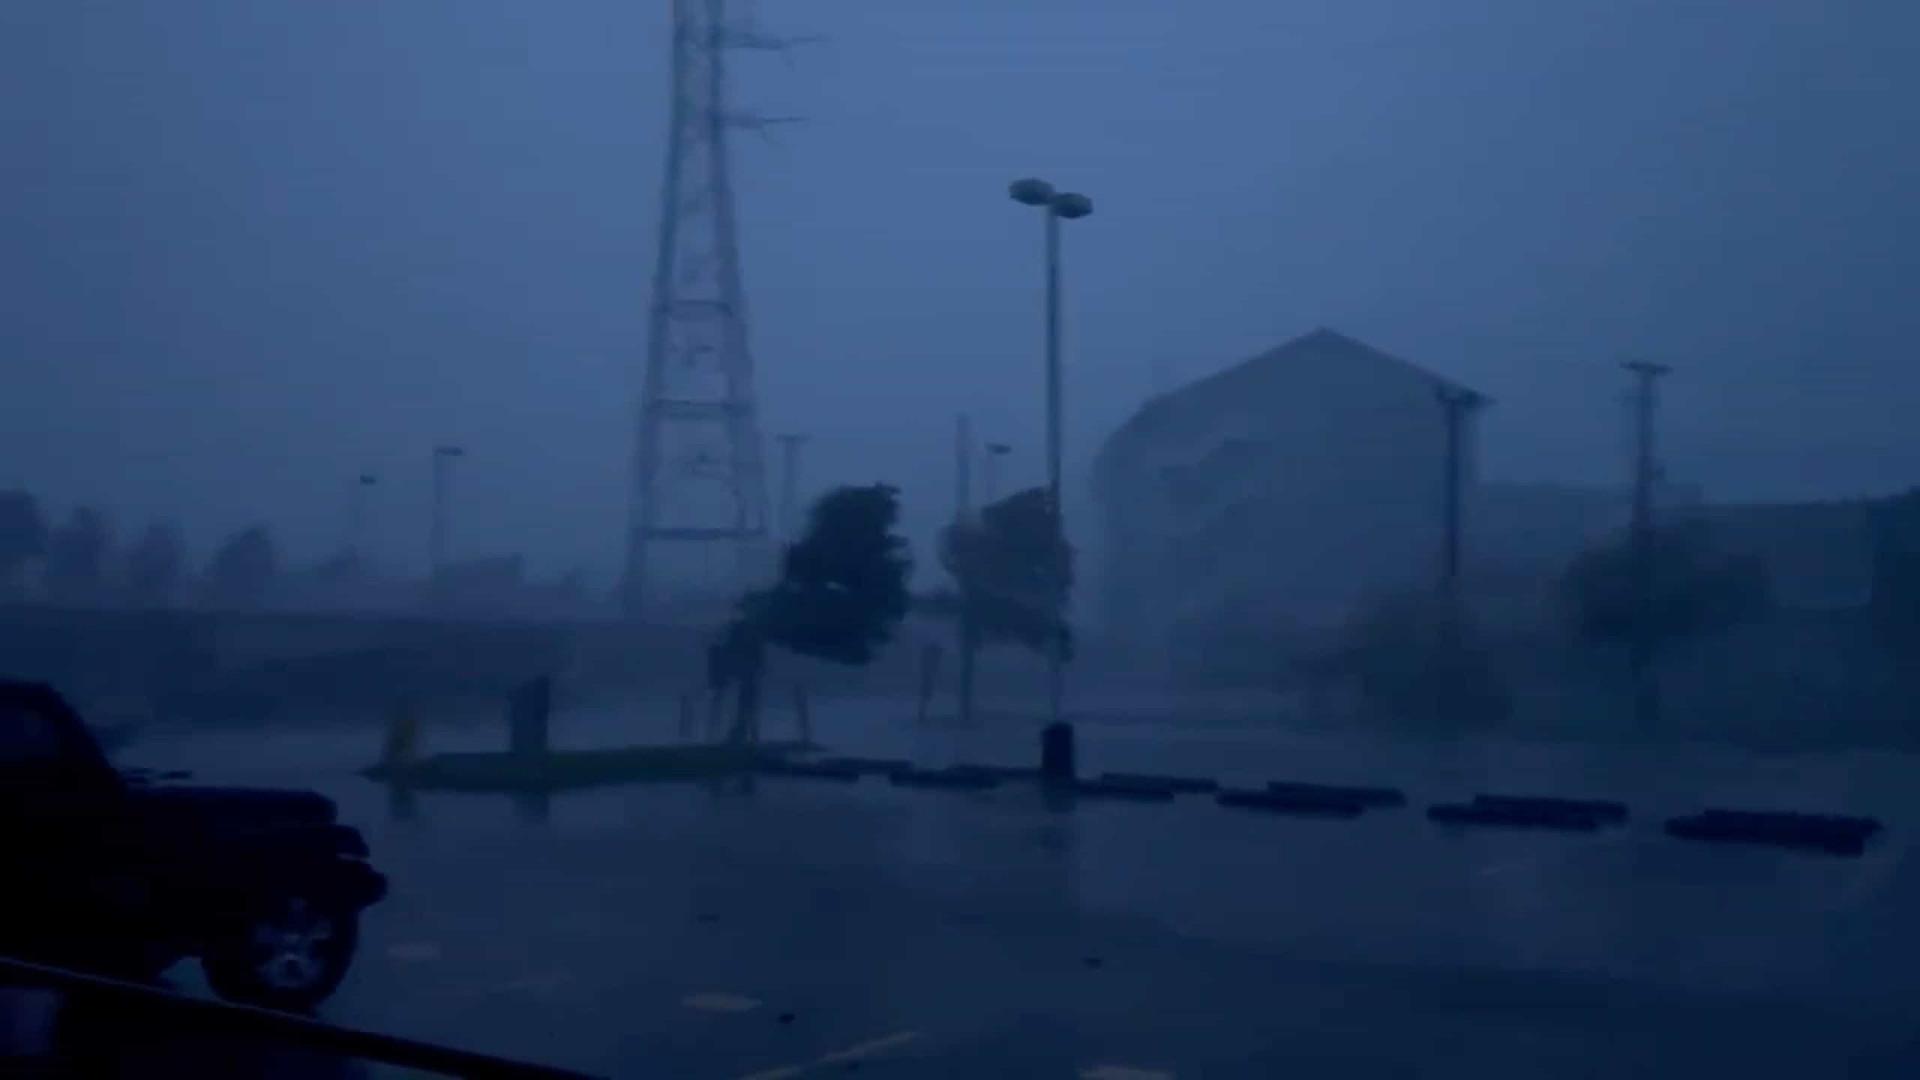 Furacão Ida. Vídeo mostra violência das águas no Louisiana, EUA